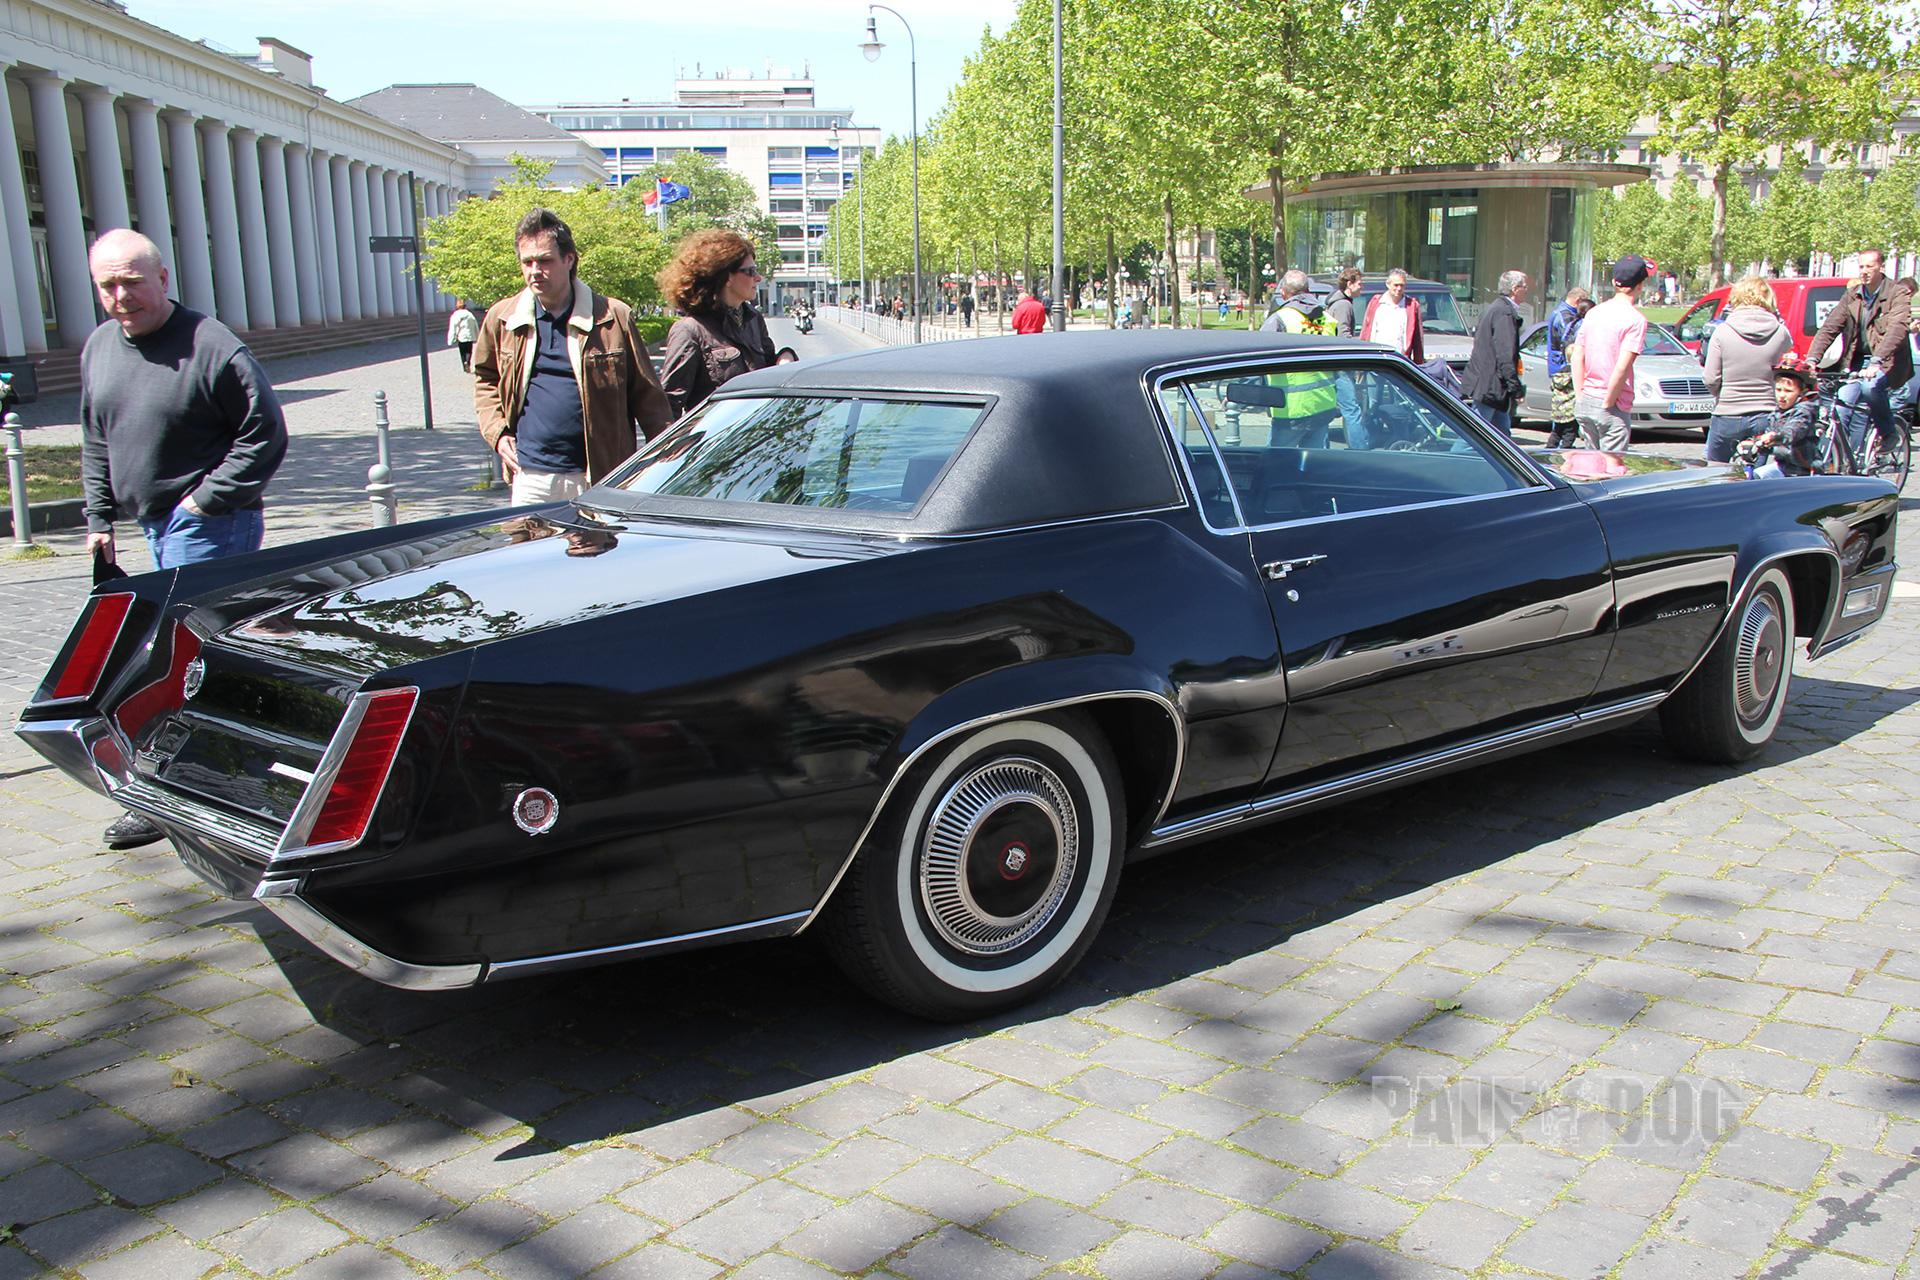 1967 Cadillac Series 62